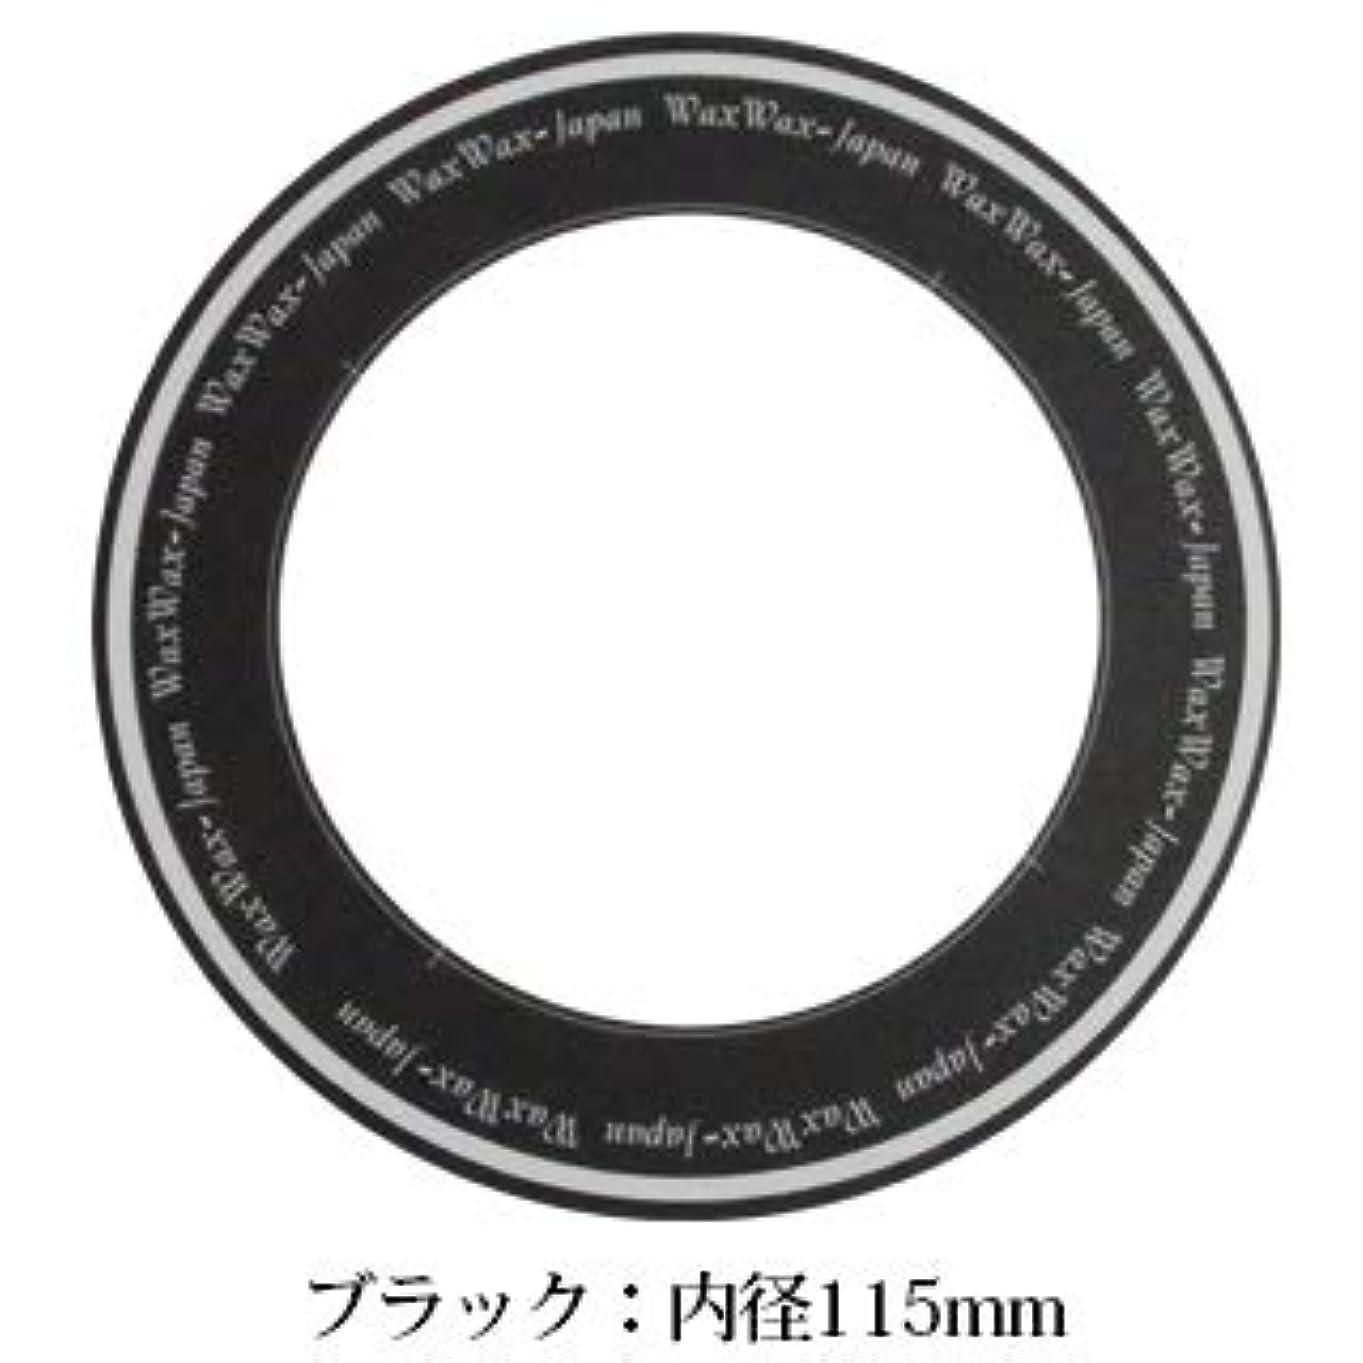 気づかない誓約セッティングワックス脱毛用カラー 50枚入 ワックスウォーマー専用 (Bタイプ ブラック 内径:115mm)